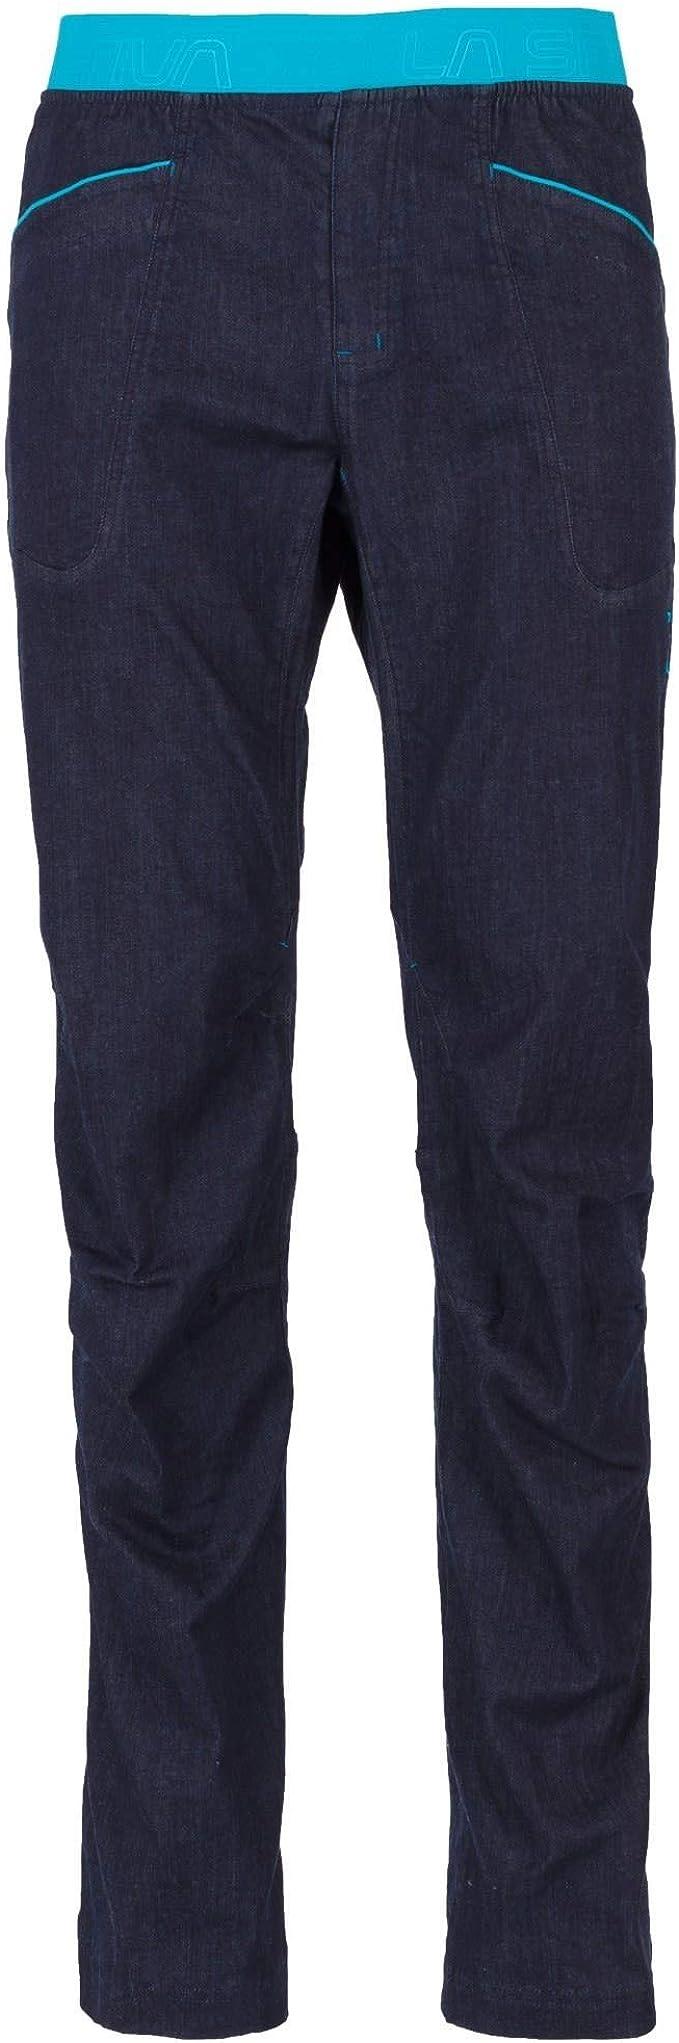 La Sportiva Cave Jeans M - Pantalón Hombre: Amazon.es: Ropa y ...